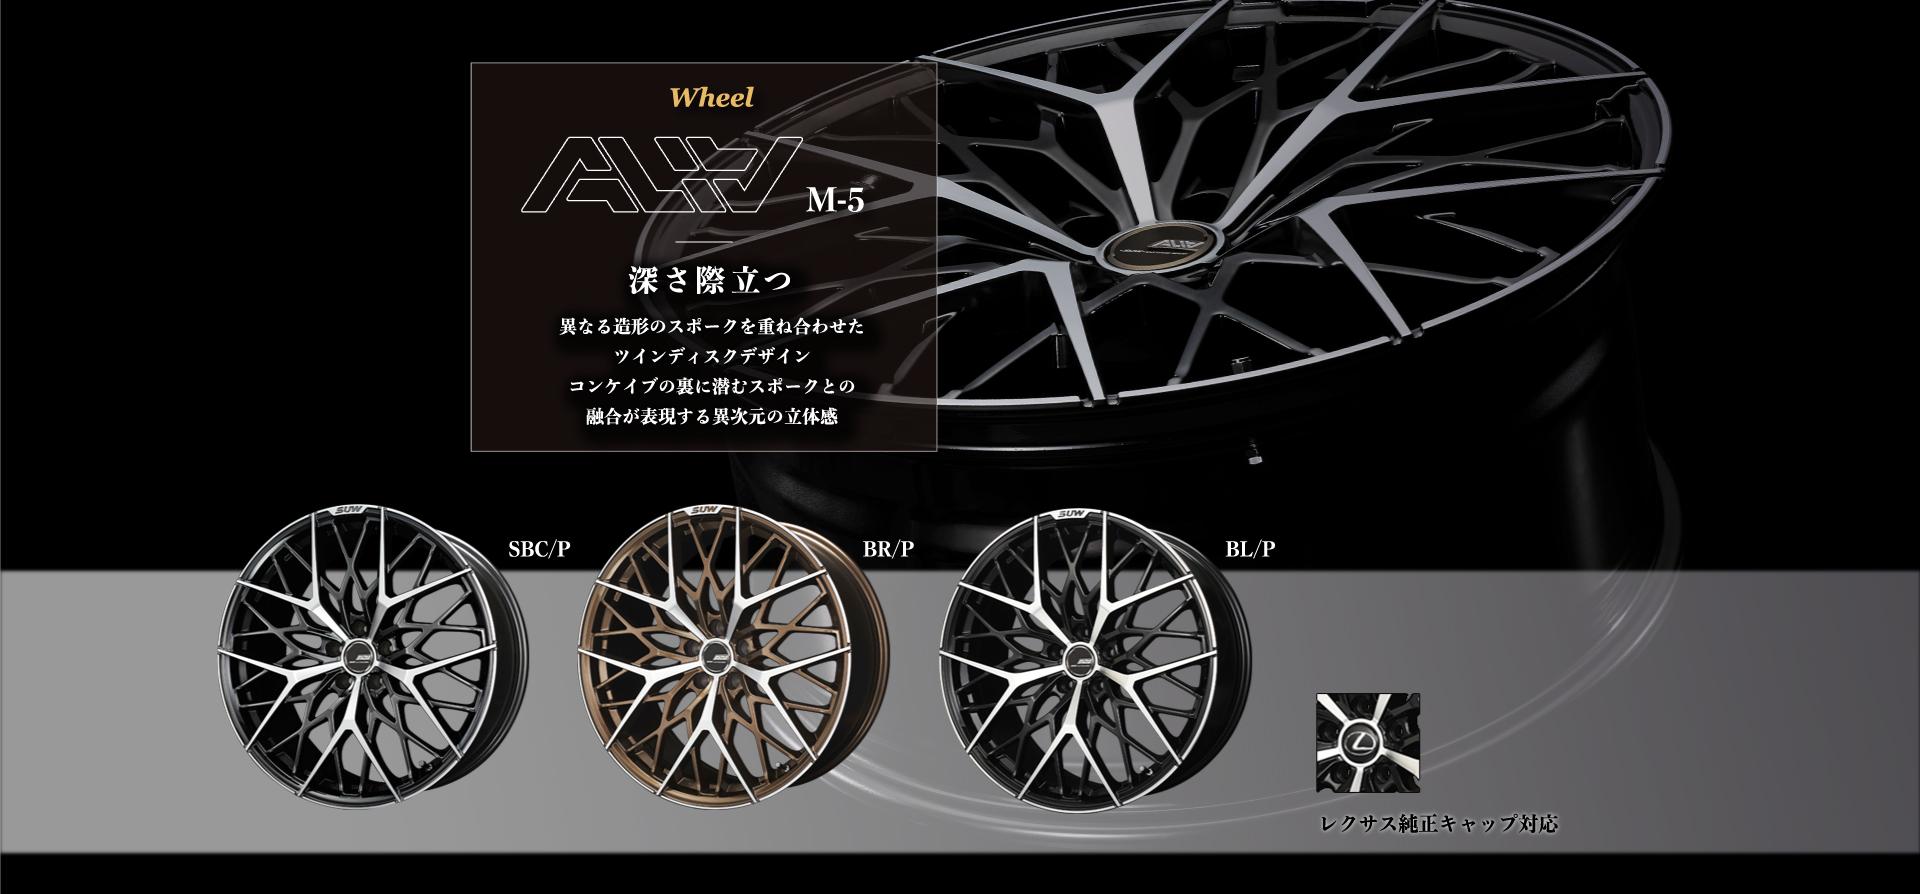 ALIA-M5